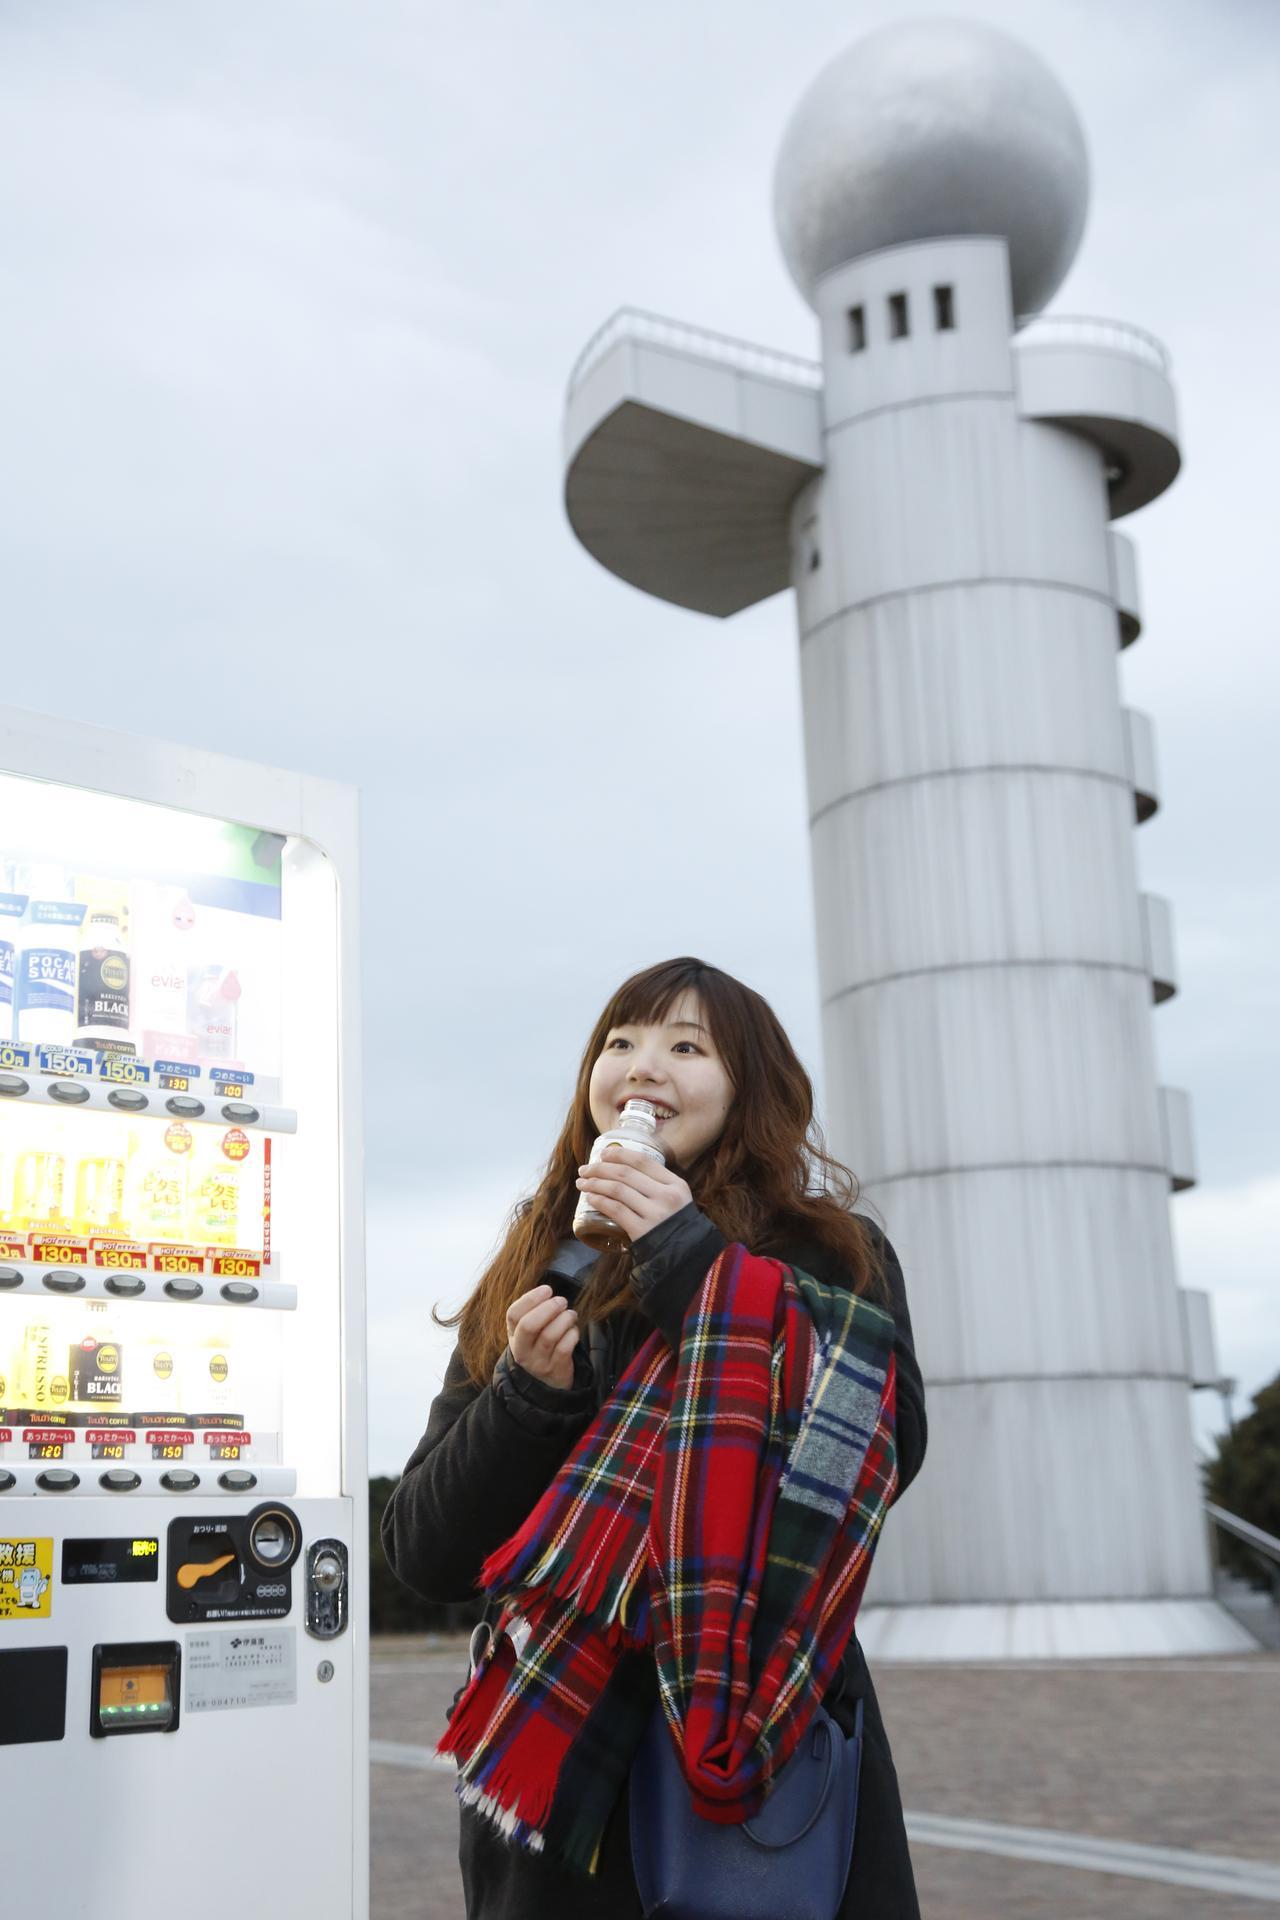 画像3: * 17:10 到着【②袖ケ浦海浜公園】